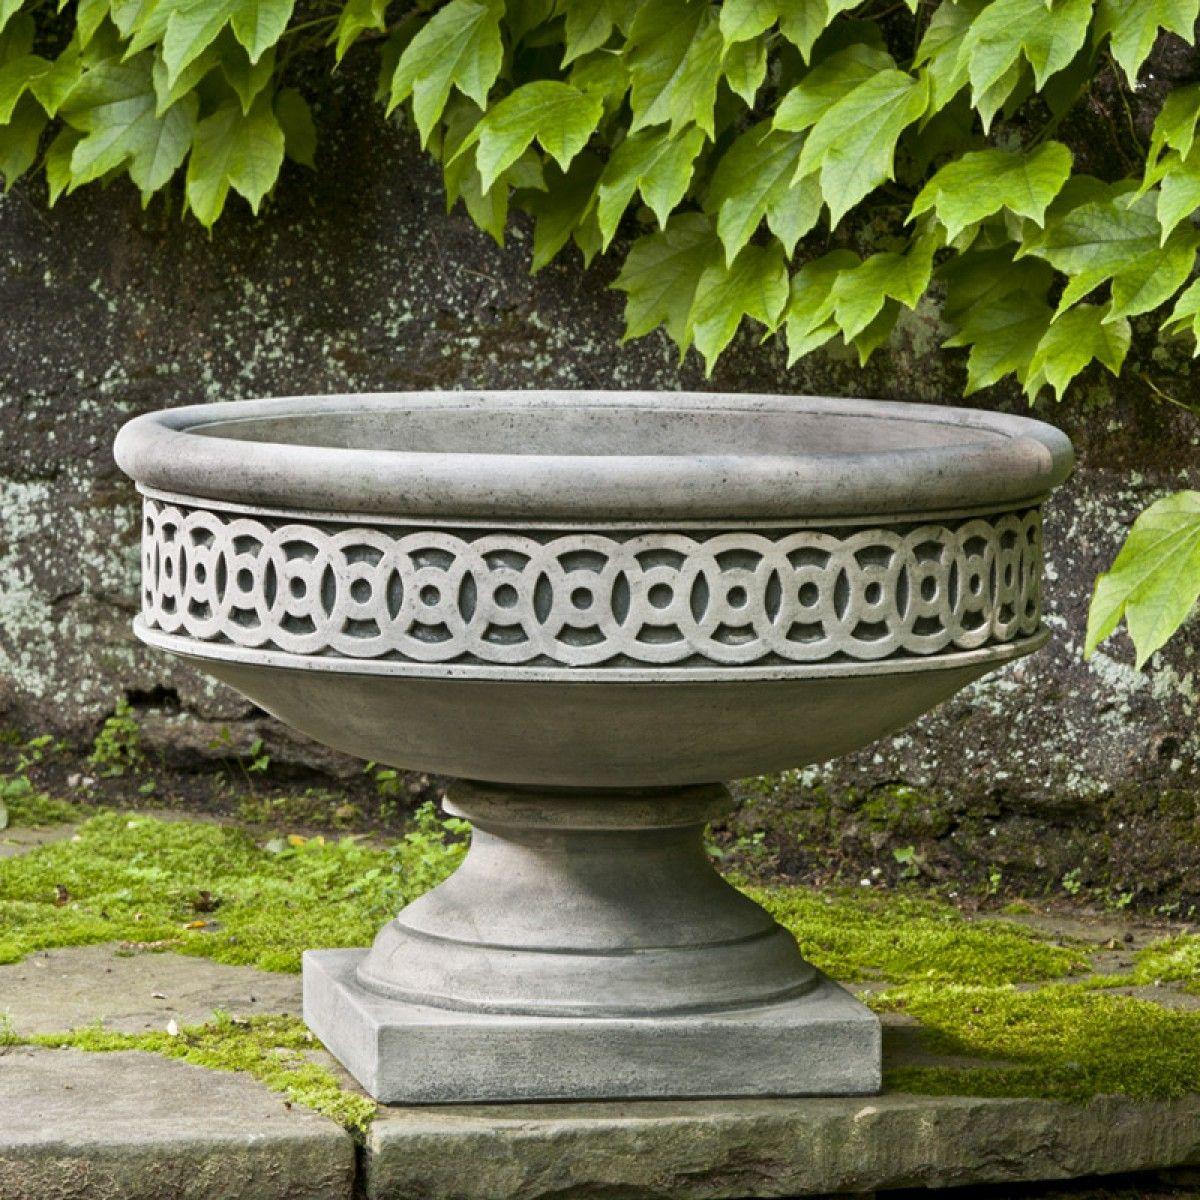 Williamsburg Low Fretwork Urn Concrete Cast Stone Planters Products Urn Planters Stone Planters Garden Urns